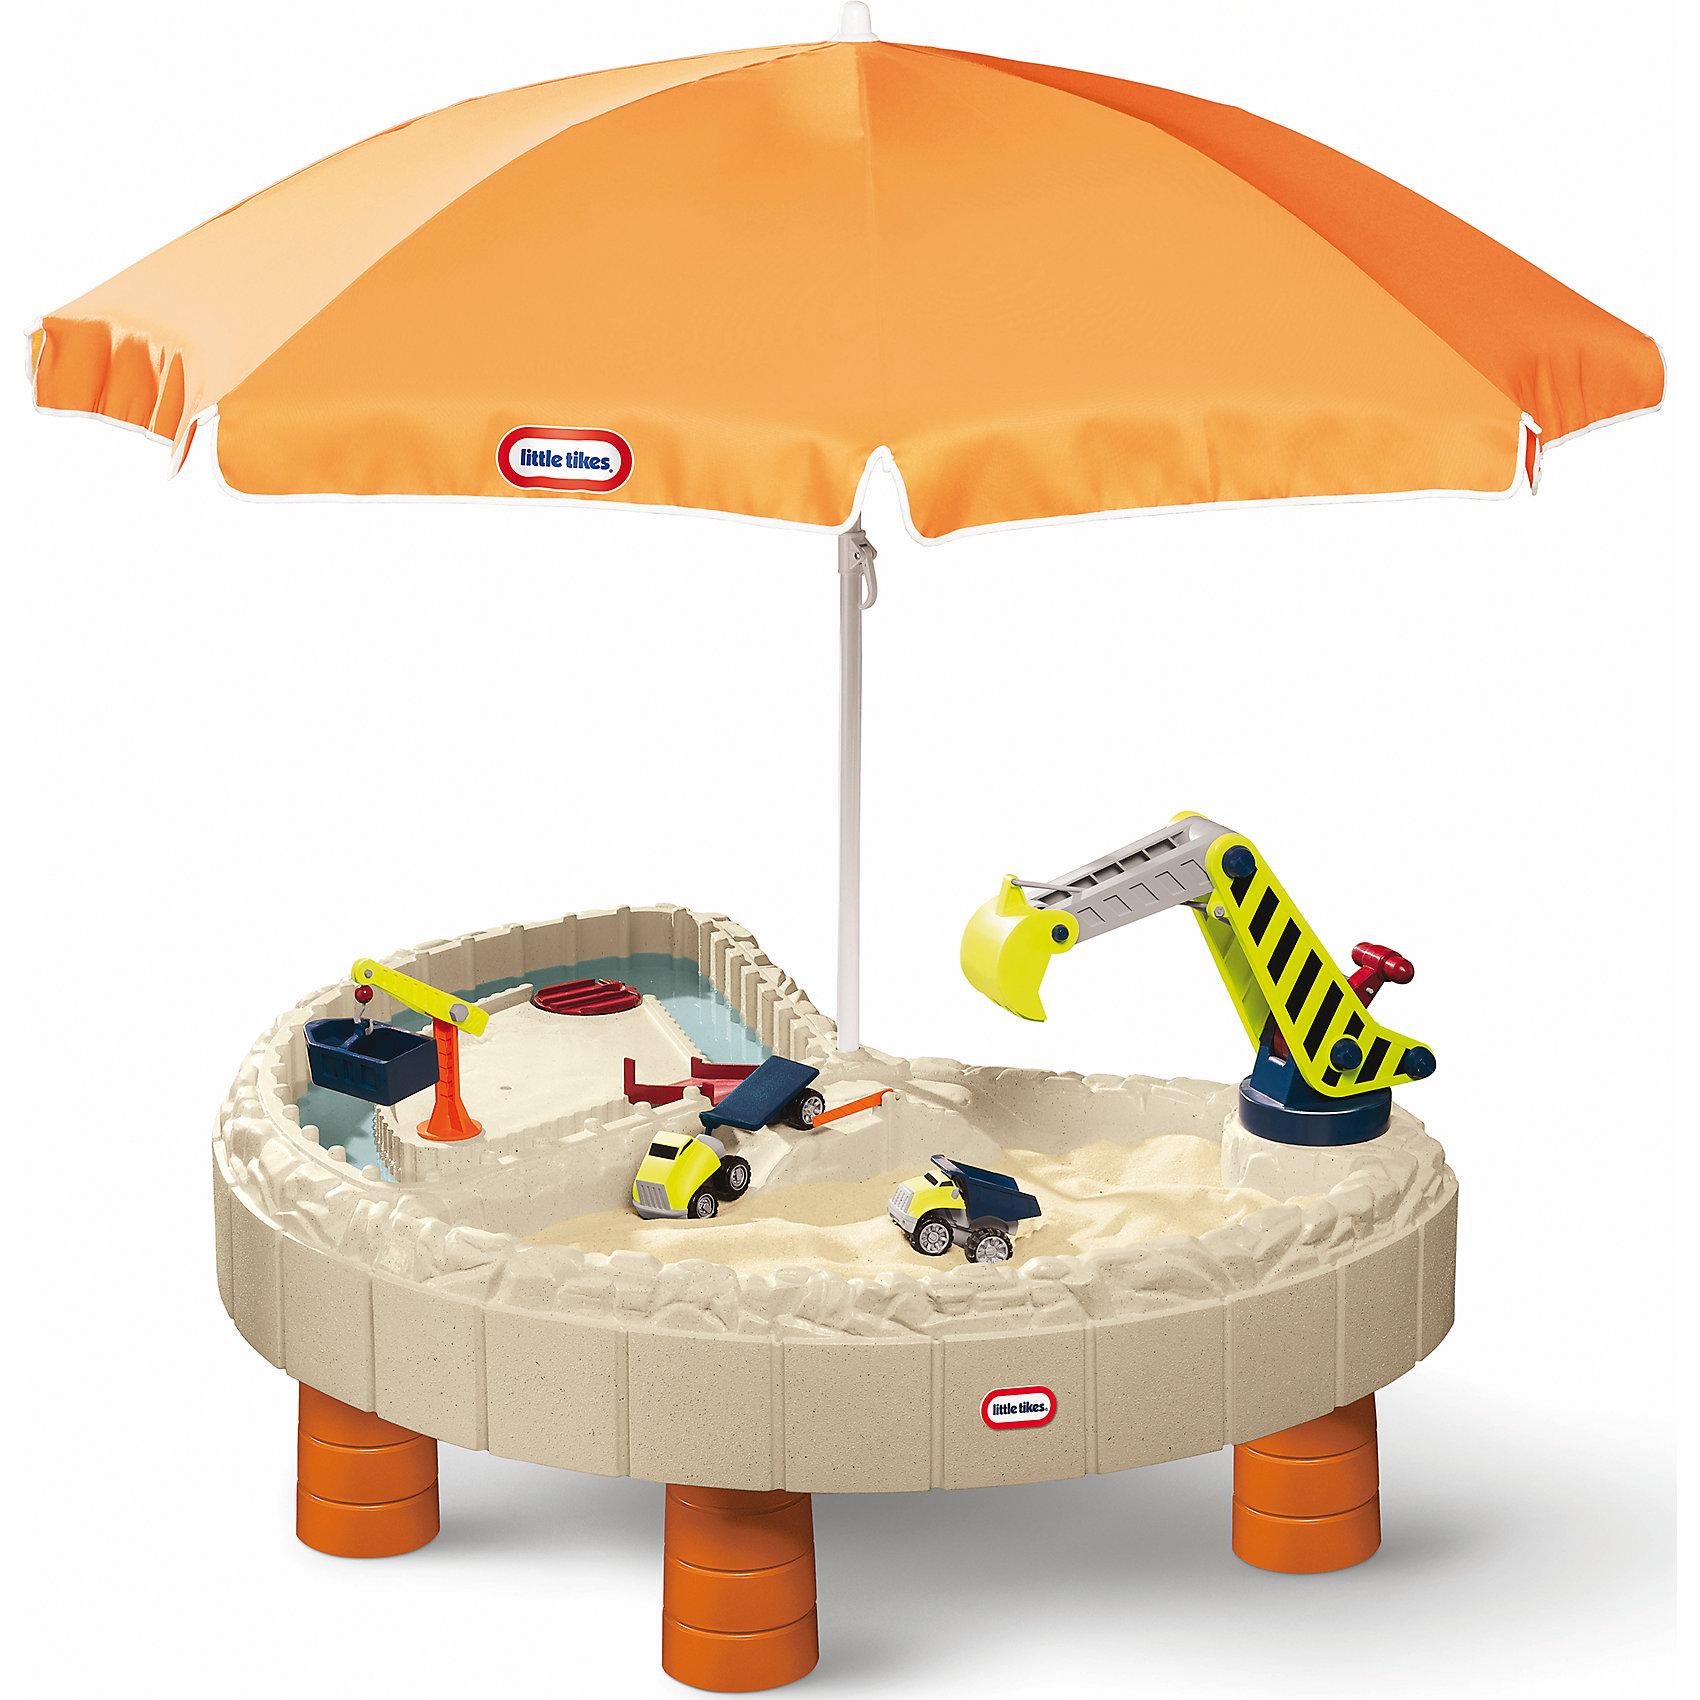 Стол-песочница с зонтом и зоной для воды, Little TikesИграем в песочнице<br>В комплект входят: кран, строительный ковш, 2 грузовика, ворота и мостики, 2 крышки, которые защитят стол от дождя, пыли, домашних животных. Стол прекрасно подходит для игры на воздухе в весенне-летний период, большой зонт надежно защитит малышей от палящего солнца в жаркие летние дни, а 2 игровые зоны  (для песка и для воды) предоставляют широкие возможности для увлекательной игры нескольких детей одновременно. Для детей от 2 до 6 лет. Размеры стола в собранном виде: 136 х 112 х 55см. Размеры упаковки: 138х 113х28см. Вес упаковки: 15,9 кг. Объем упаковки: 0,4 м3.)<br><br>Ширина мм: 138<br>Глубина мм: 113<br>Высота мм: 280<br>Вес г: 1584<br>Возраст от месяцев: 24<br>Возраст до месяцев: 60<br>Пол: Мужской<br>Возраст: Детский<br>SKU: 4653313